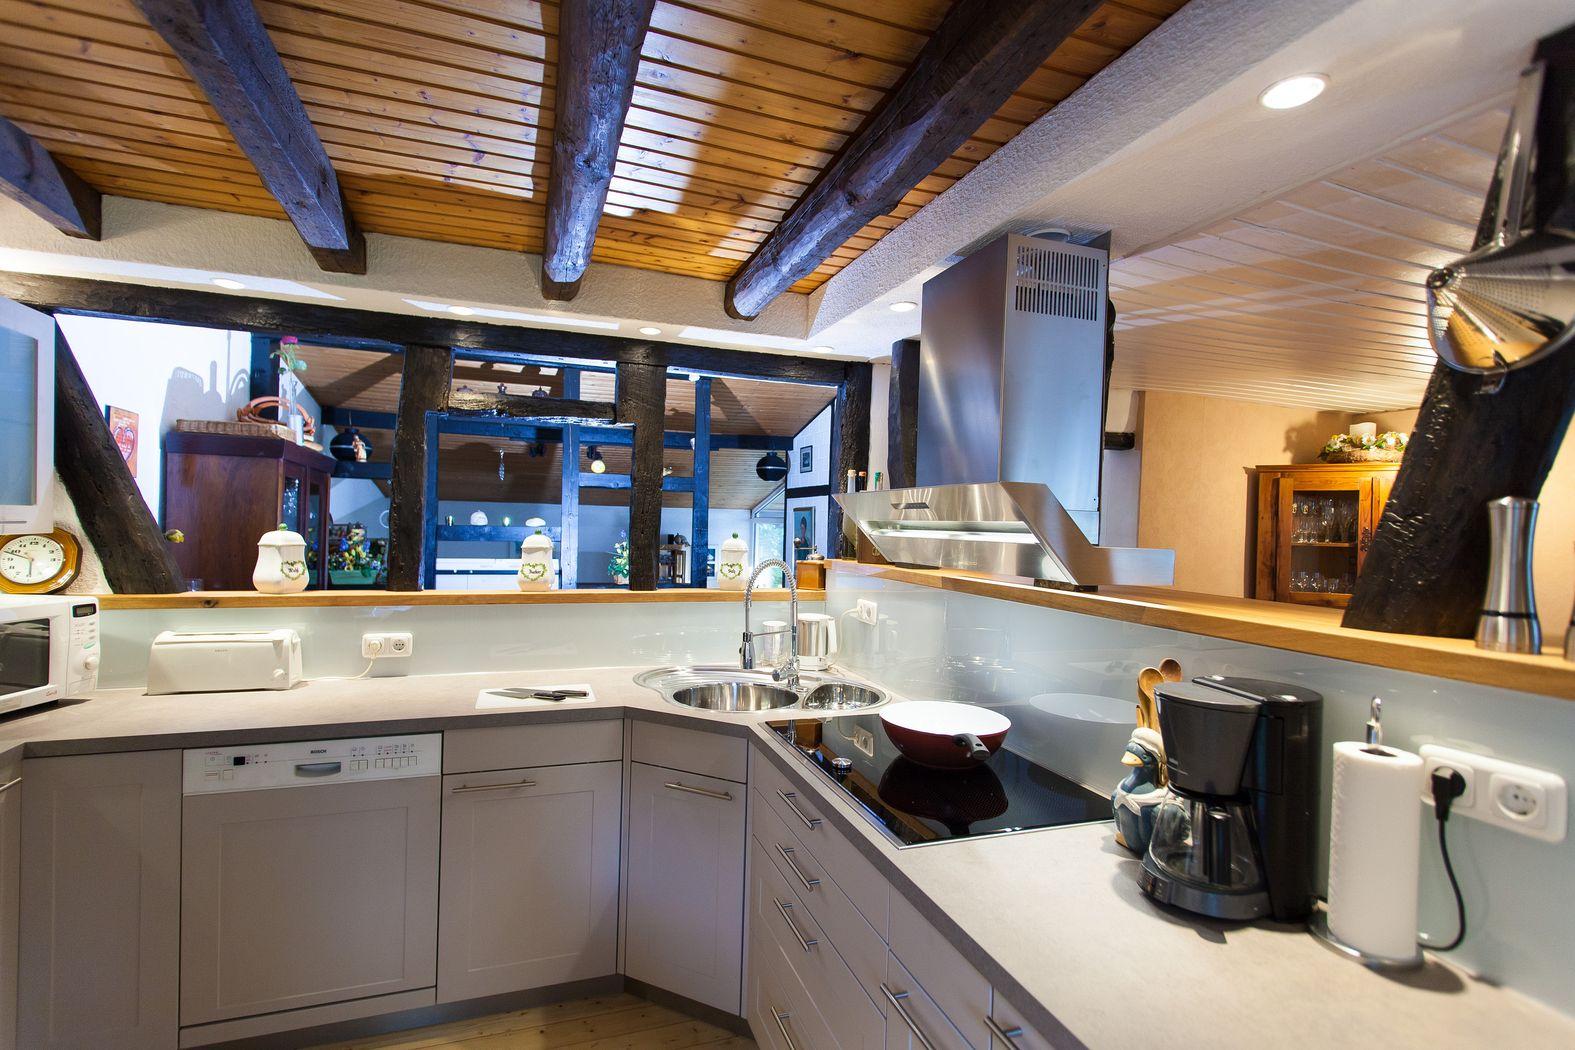 Kücheninspirationen für jedermann – GlobalKitchen - Küchenhaus ...